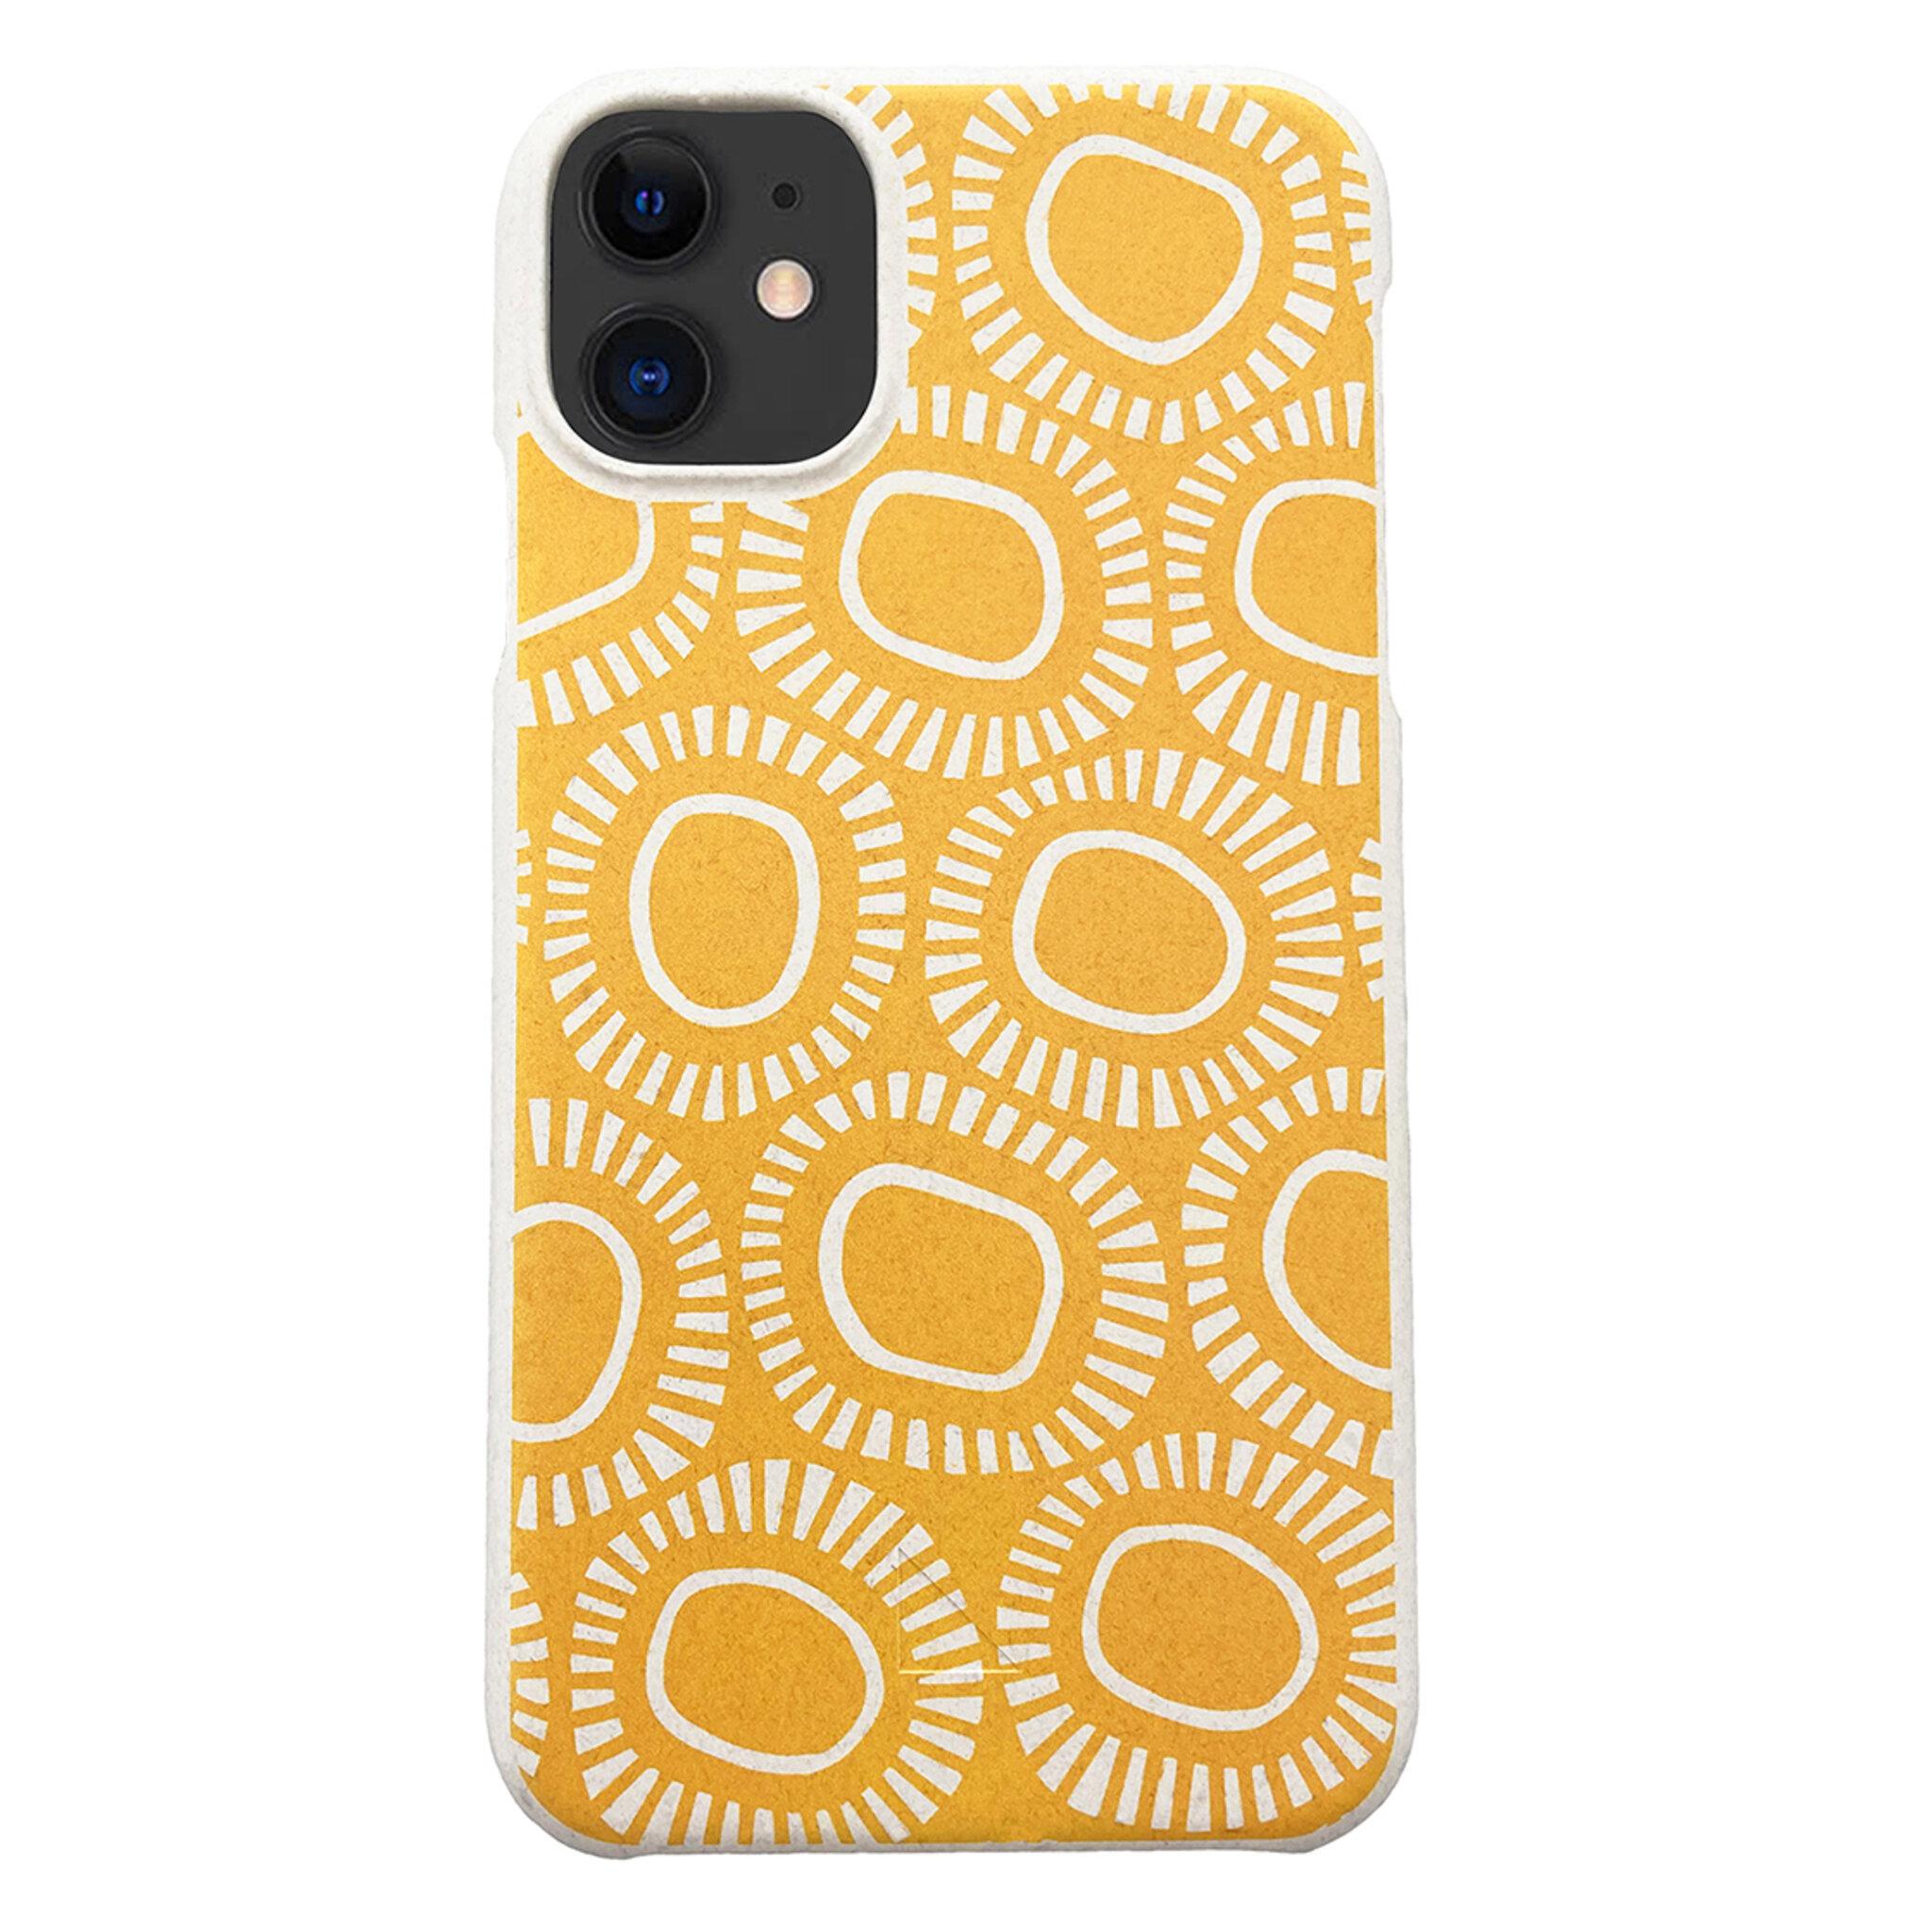 Mobilskal Solar iPhone 11 & XR*